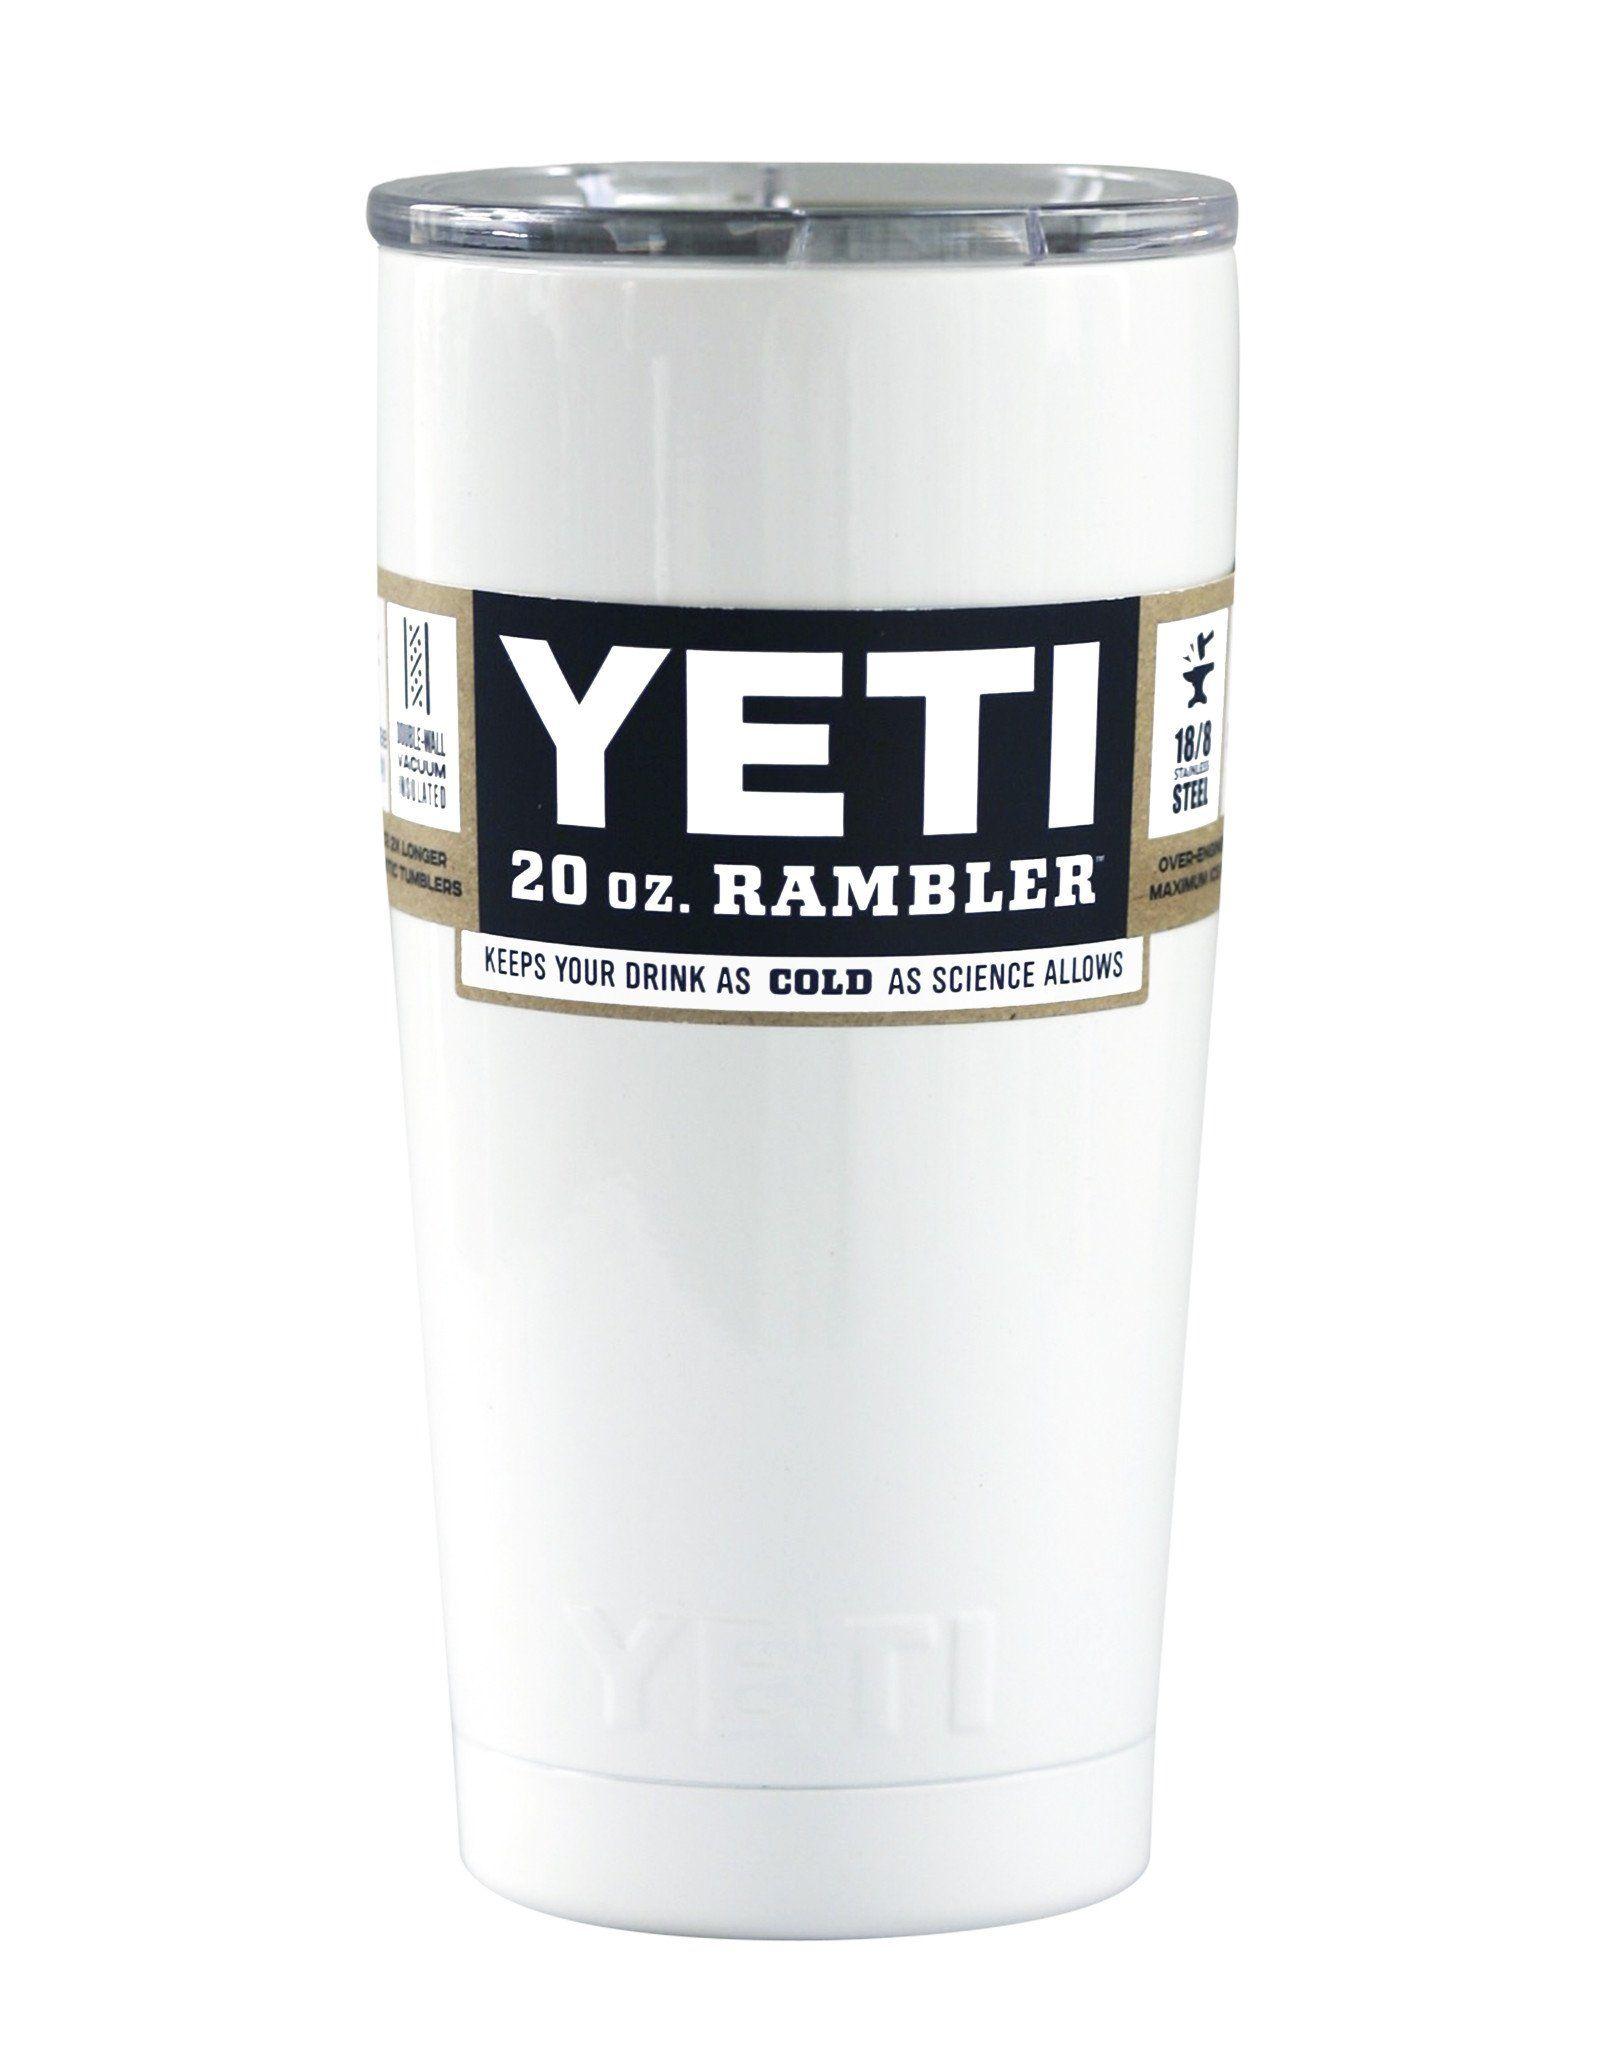 White YETI 20 oz Rambler Tumbler Cup Yeti 20, Tumbler